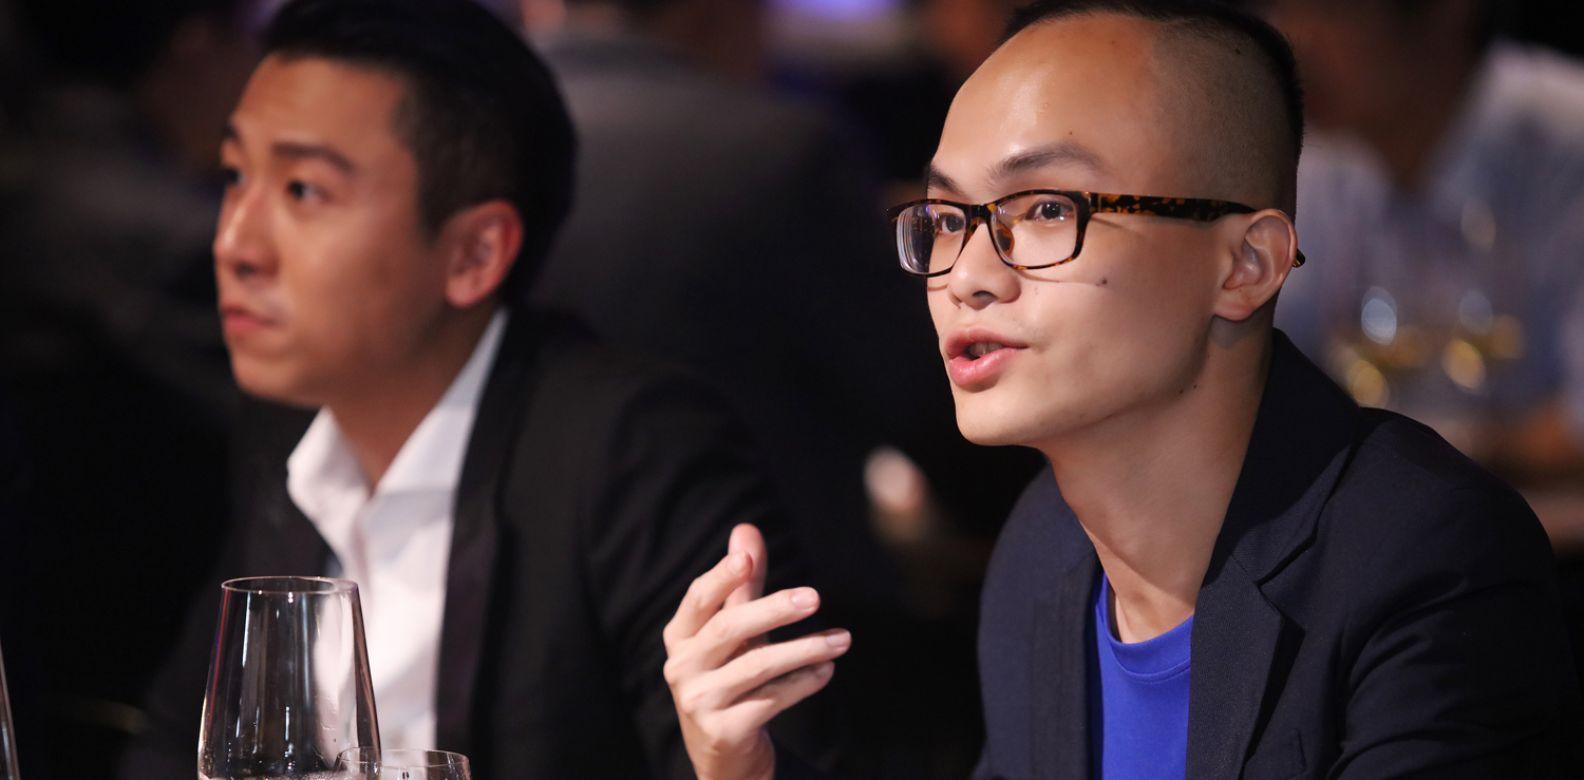 本屆入選者林哲宇。(喝酒不開車,安全有保障)